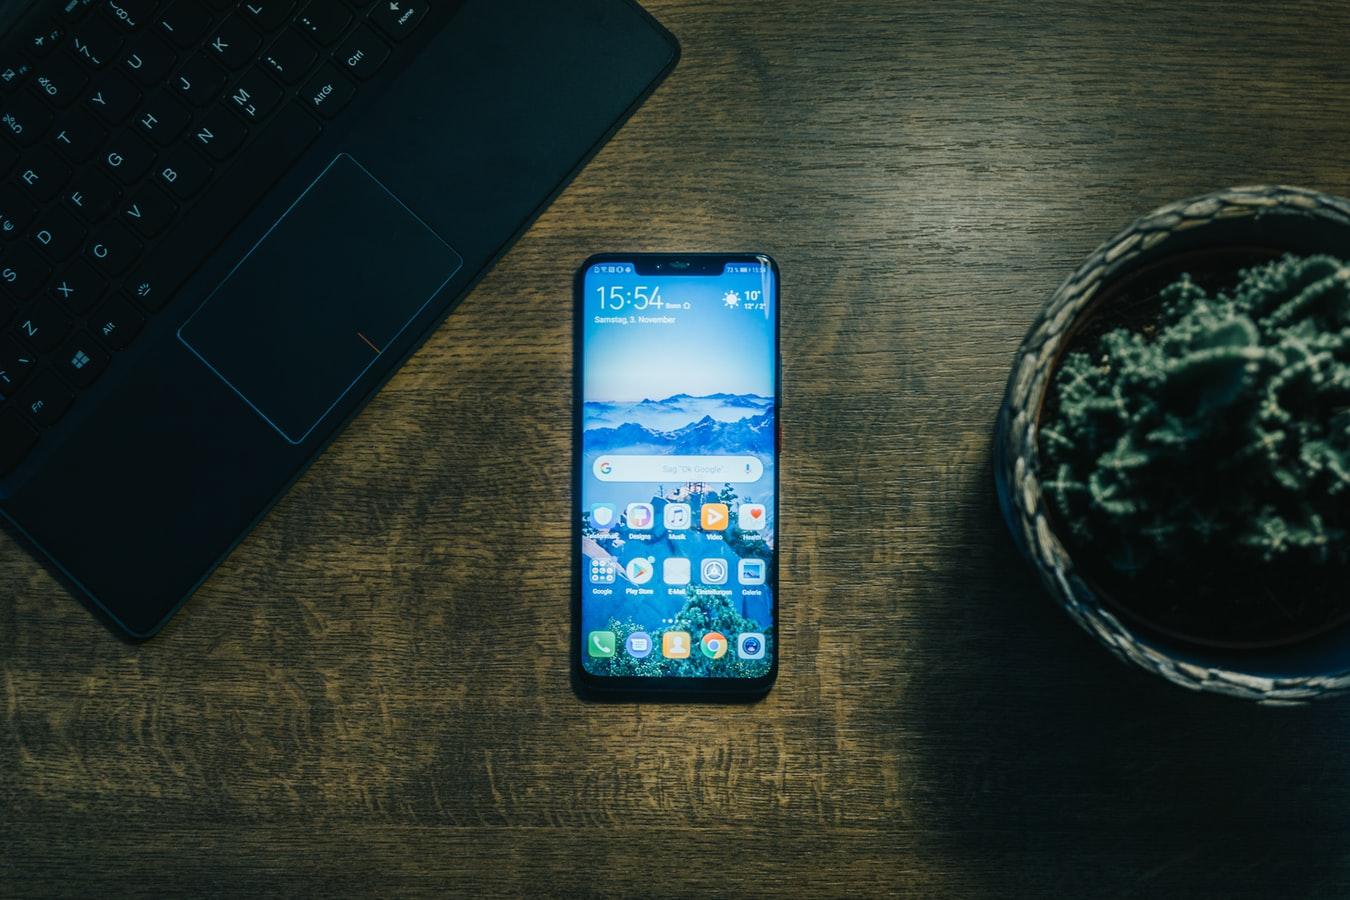 Cara Ampuh Mengatasi Memori Internal HP Android Yang Cepat Penuh Terbaru 2021